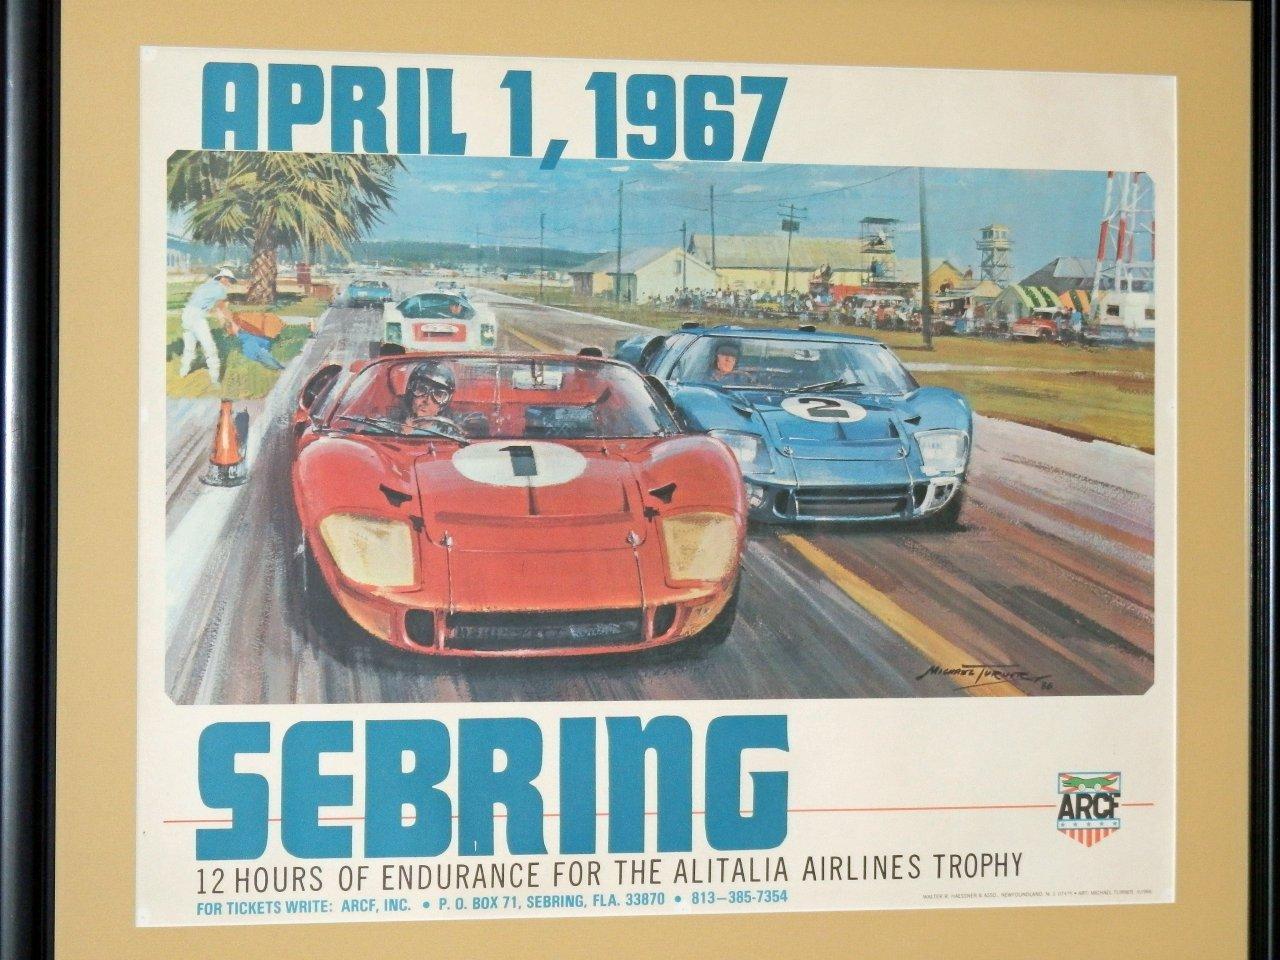 1967 Sebring Poster-sebring-1967-poster-2-jpg